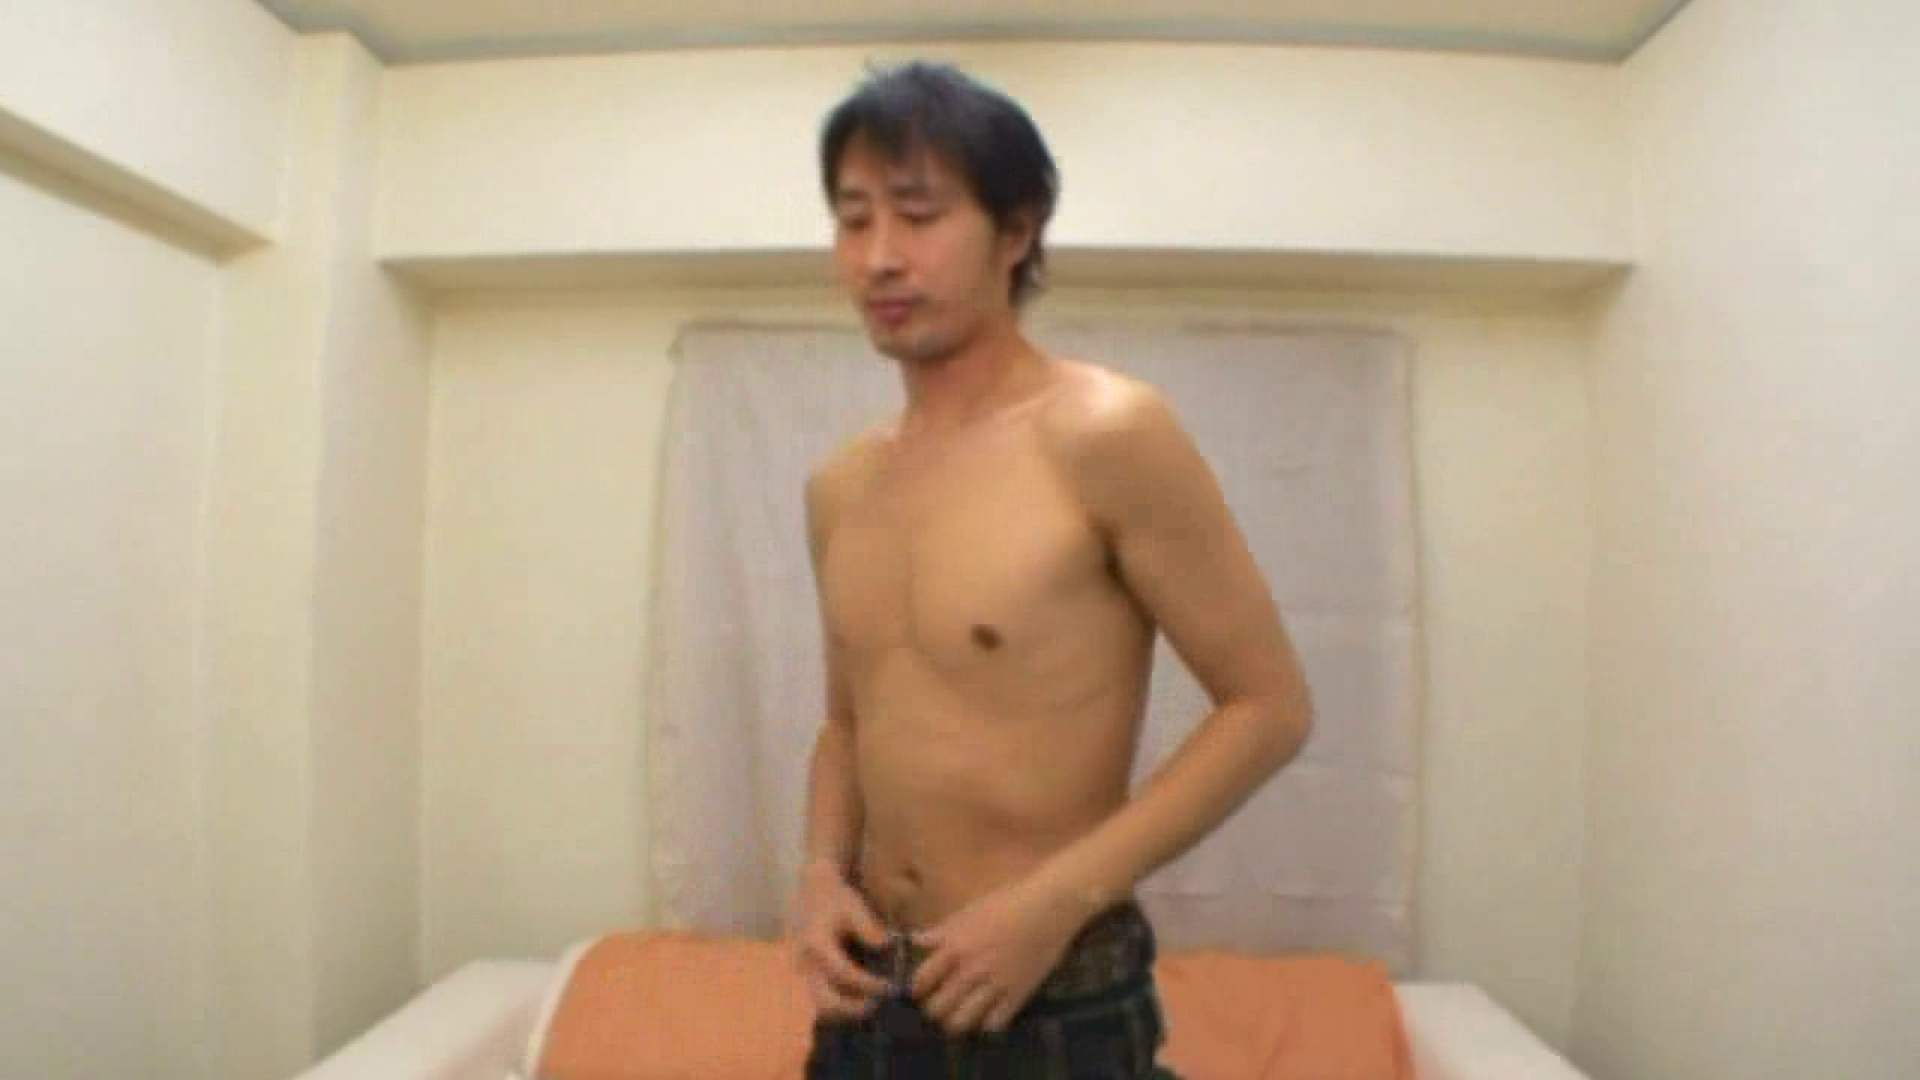 イケメンズエステティック倶楽部Case.02 イケメンたち   マッサージ  61枚 46